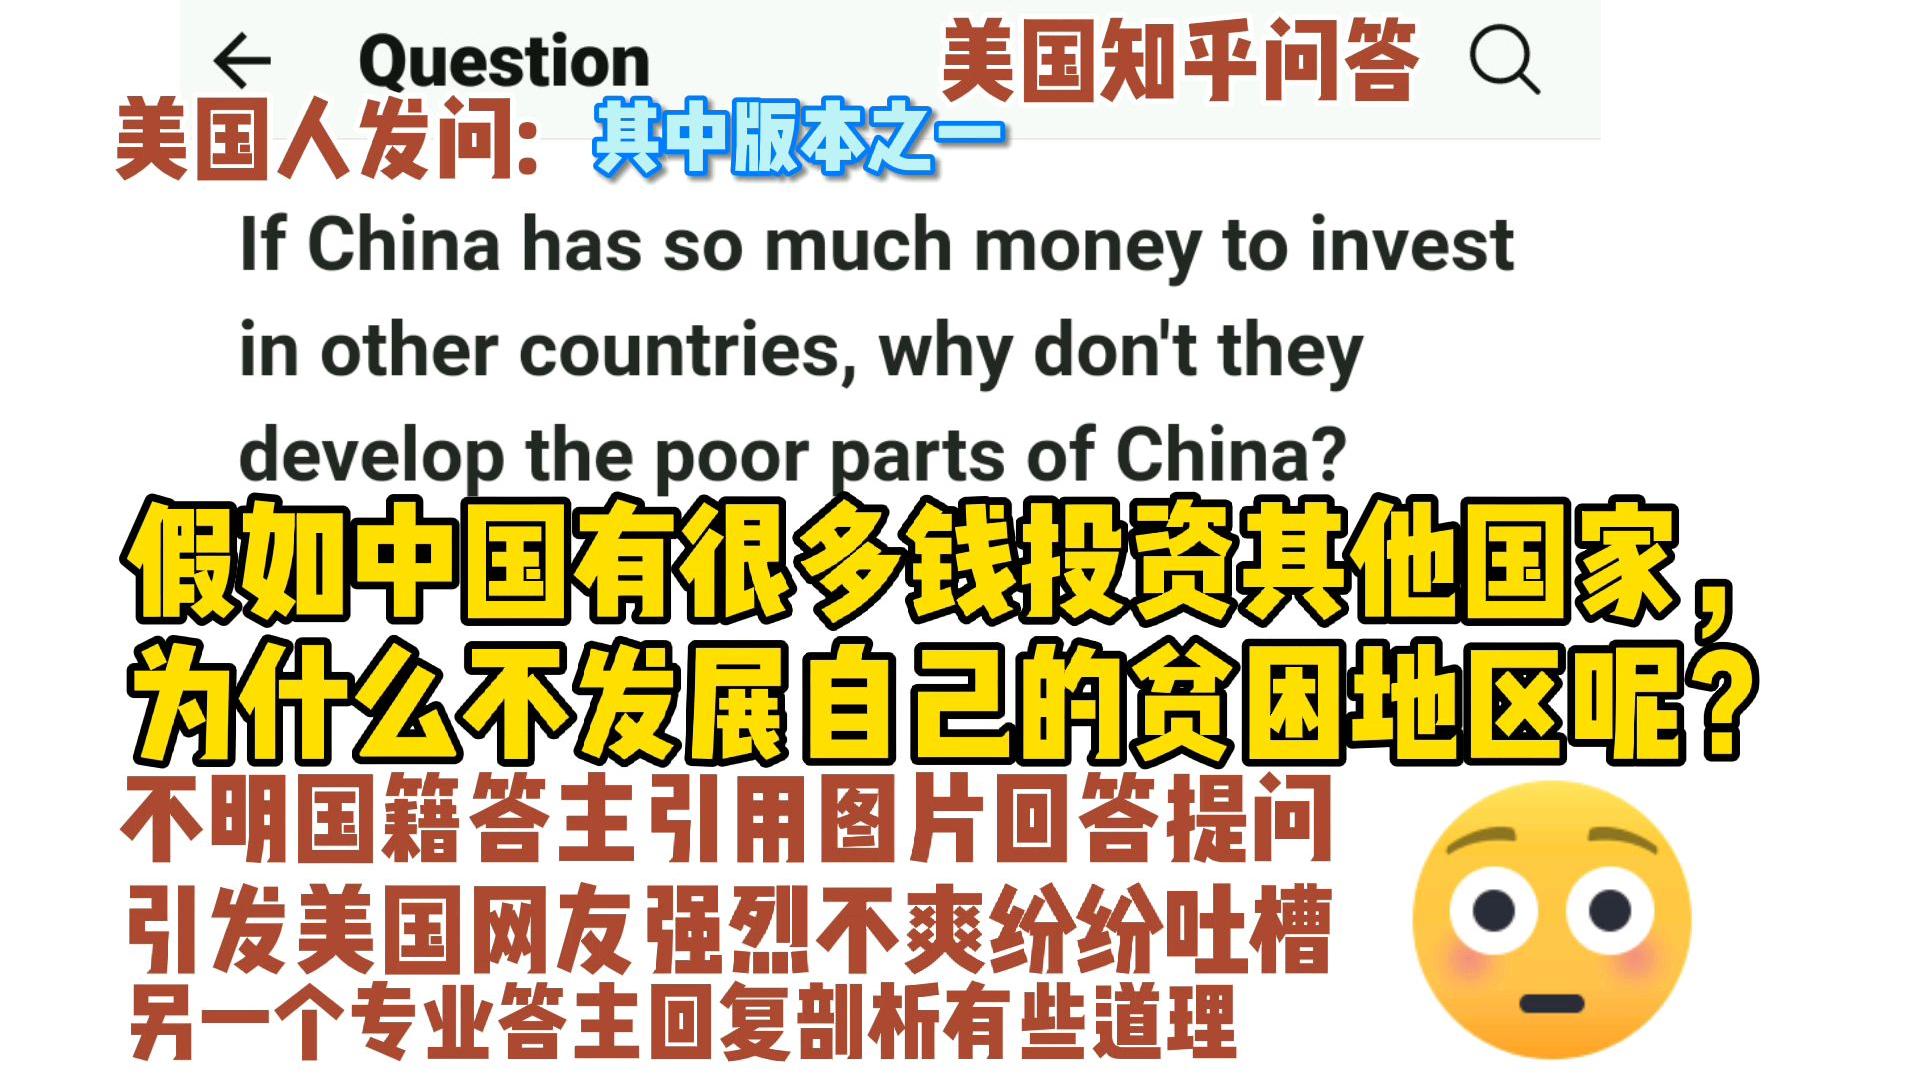 美国知乎,假如中国有很多钱投资其他国家,为什么不发展自己的贫困地区?不明国籍答主回答引发美网友吐槽